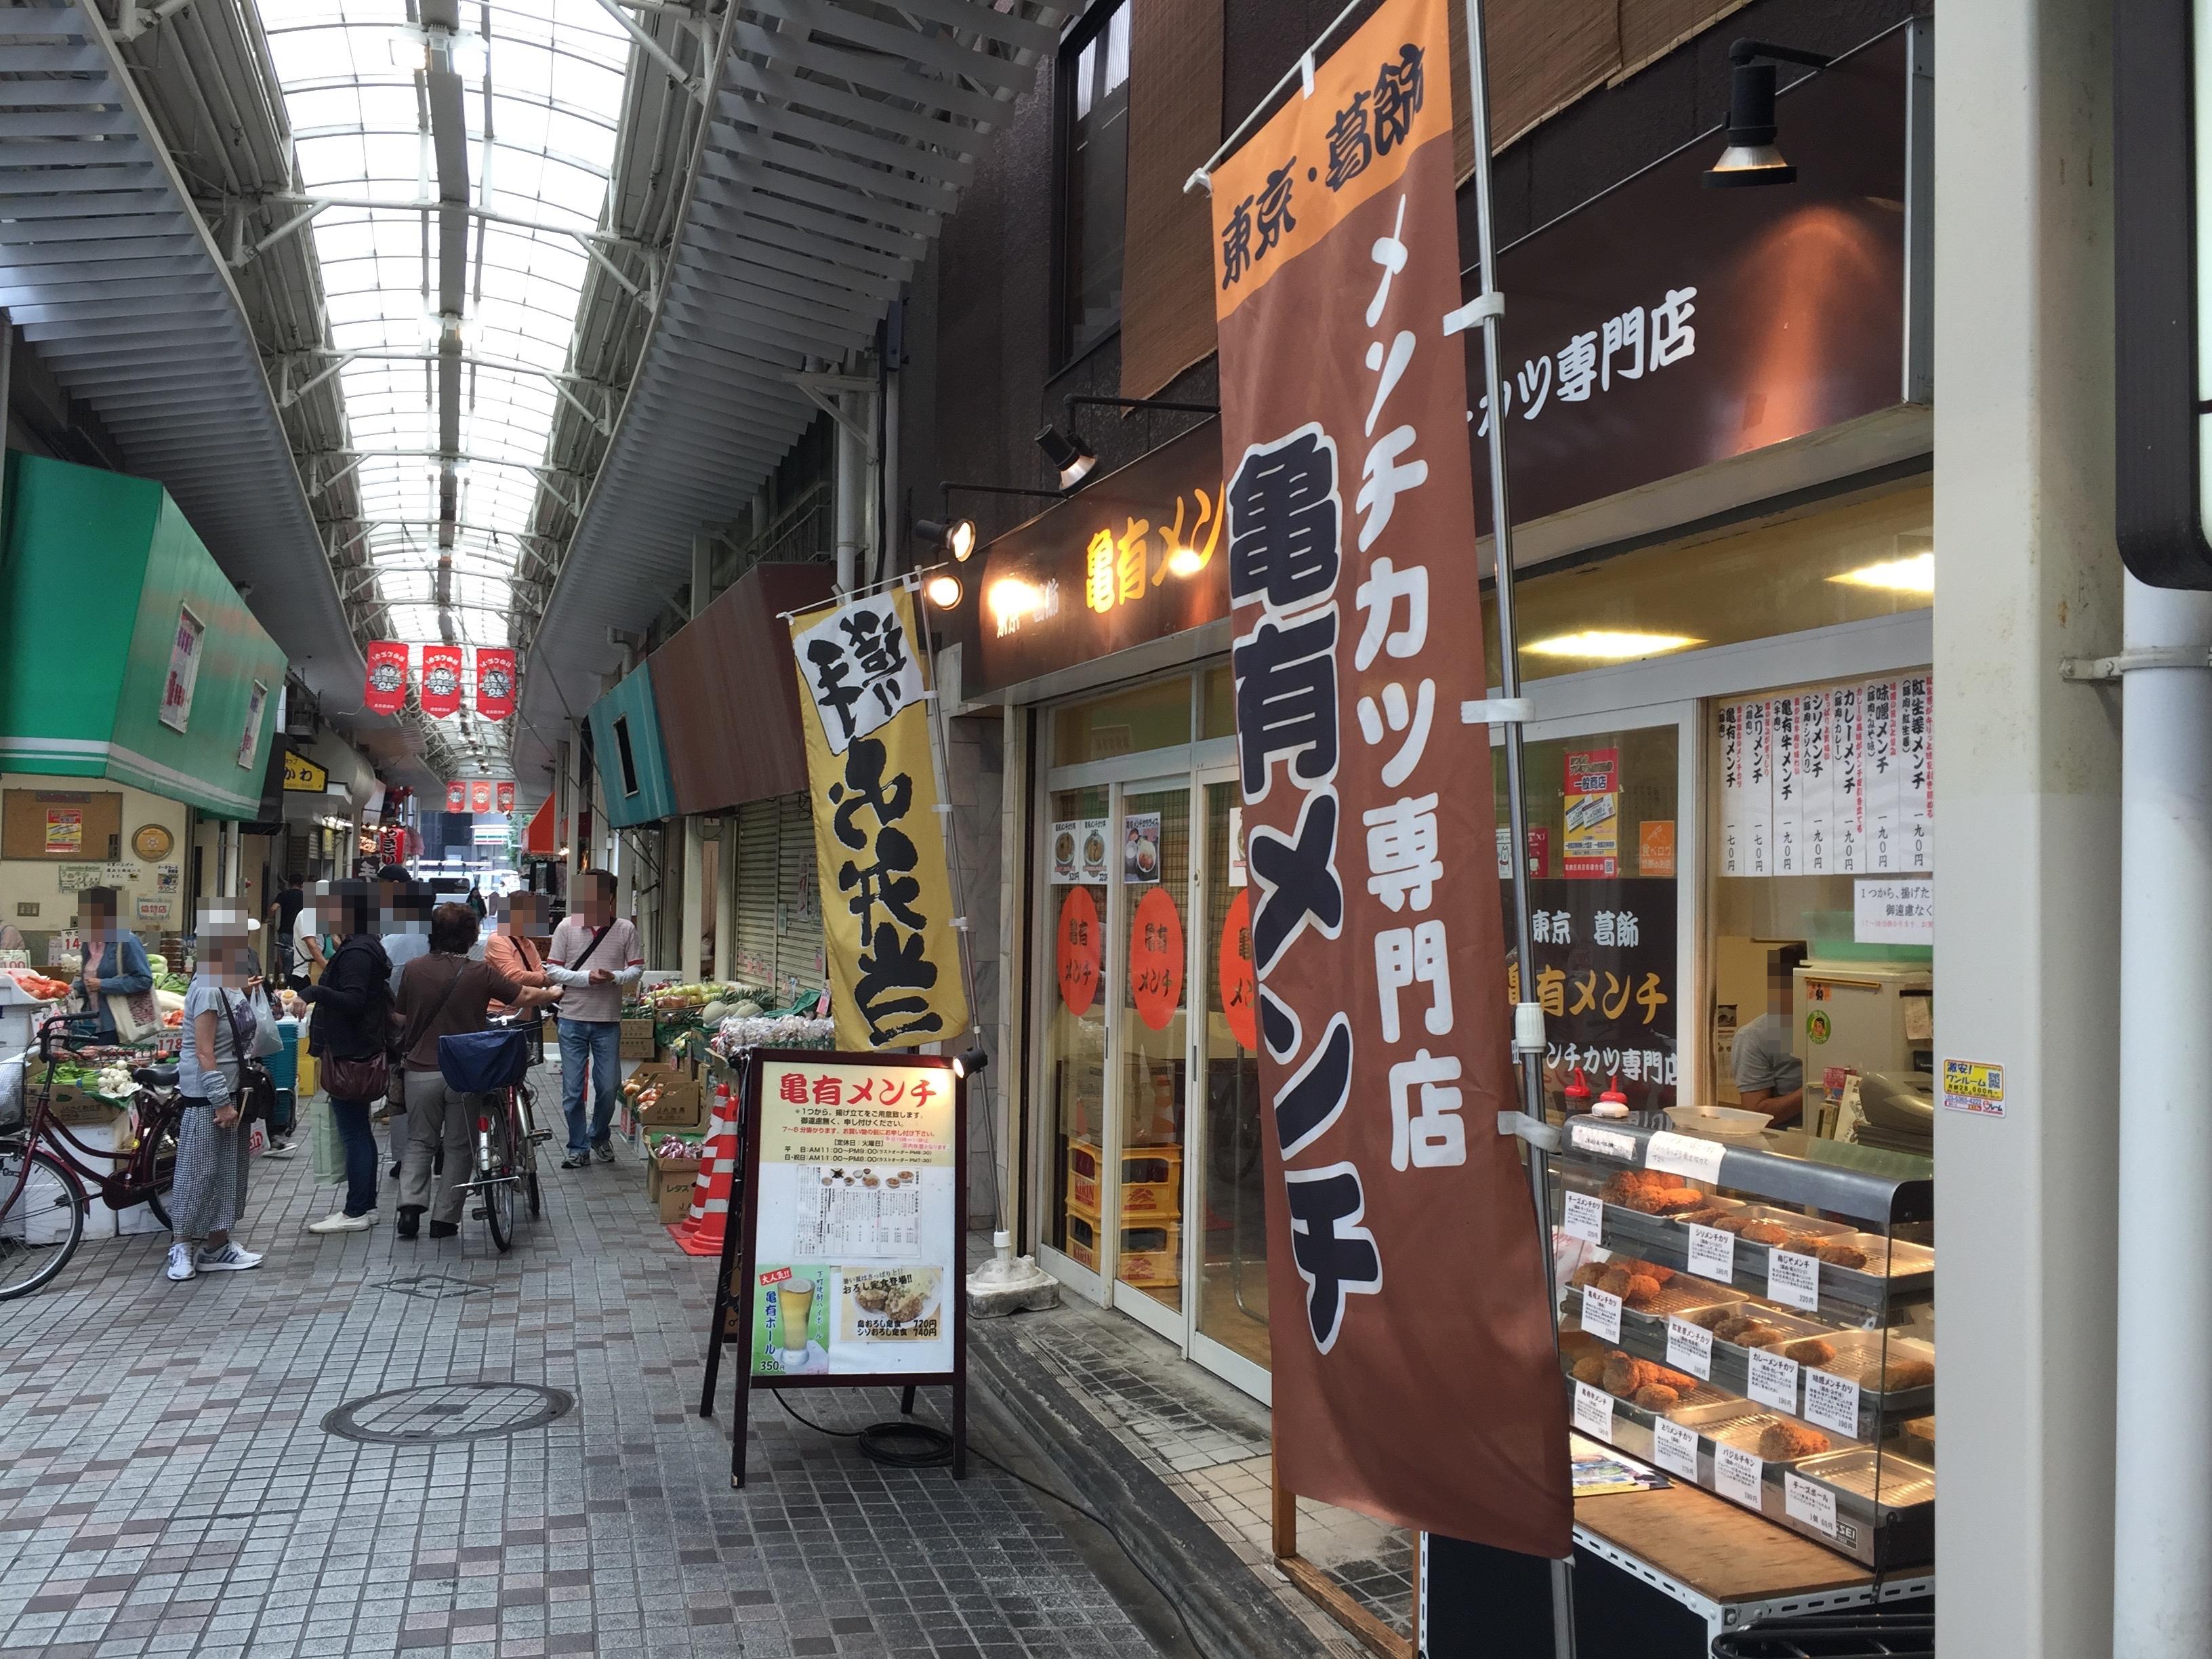 【亀有】下町亀有の超有名店「亀有メンチ」はランチも夜もオススメ!亀有ボール350円もコスパ最高!